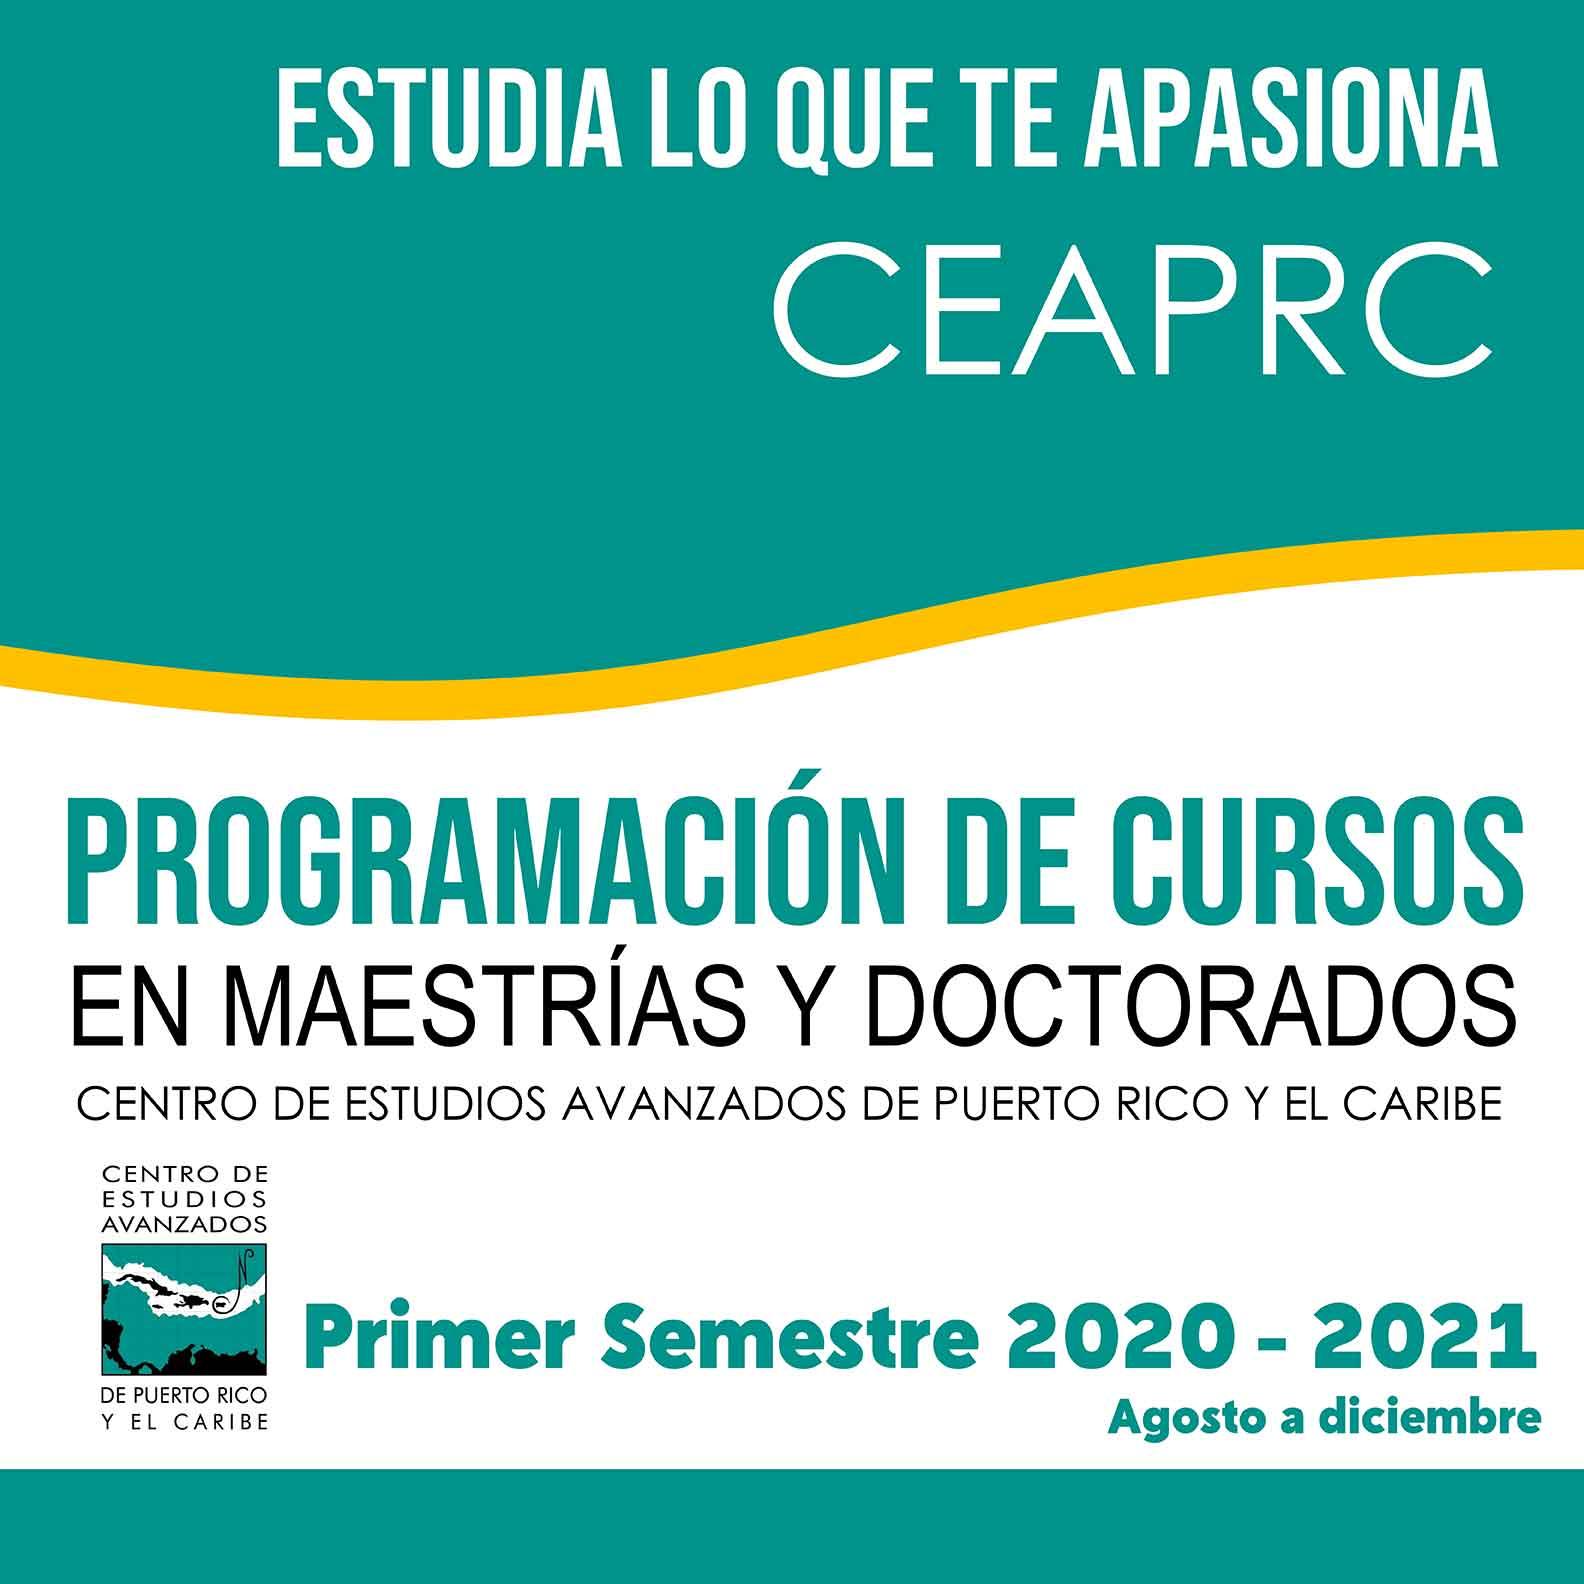 Programación de Cursos - Agosto a diciembre 2020